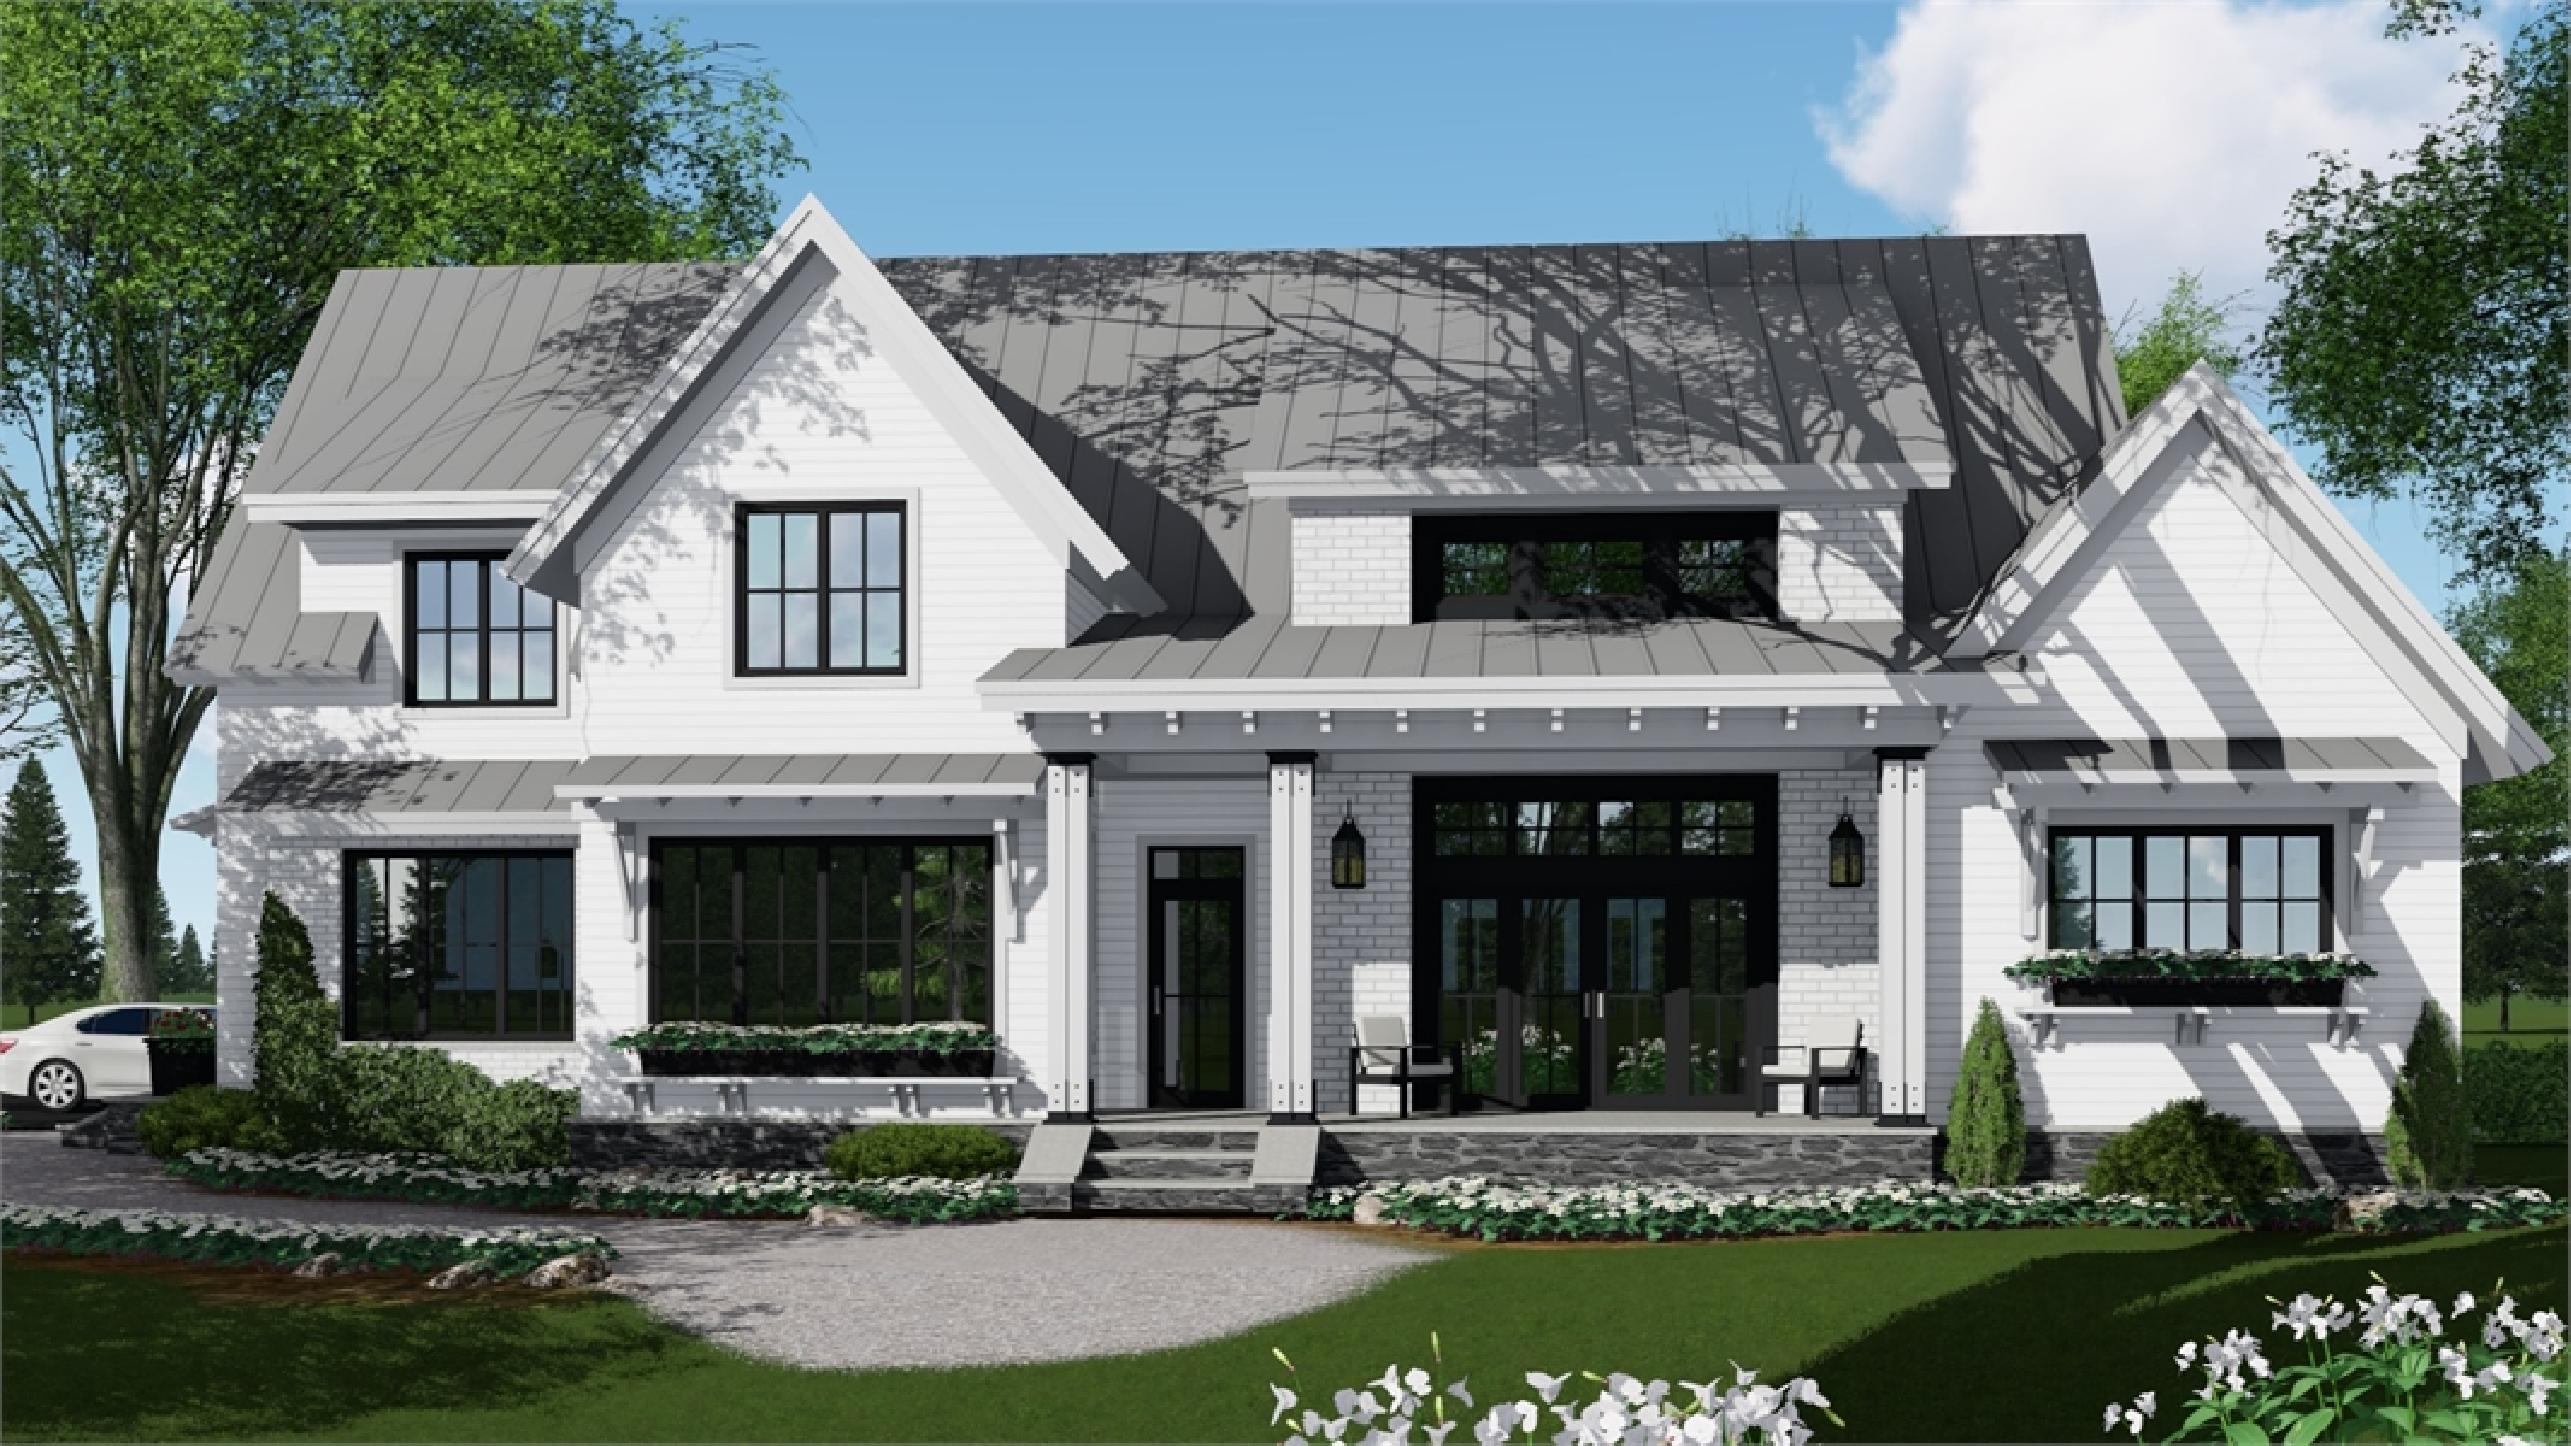 Barrie Builder(s): Fernbrook Homes & Crystal Homes Project Name: Eagles' Rest Estates